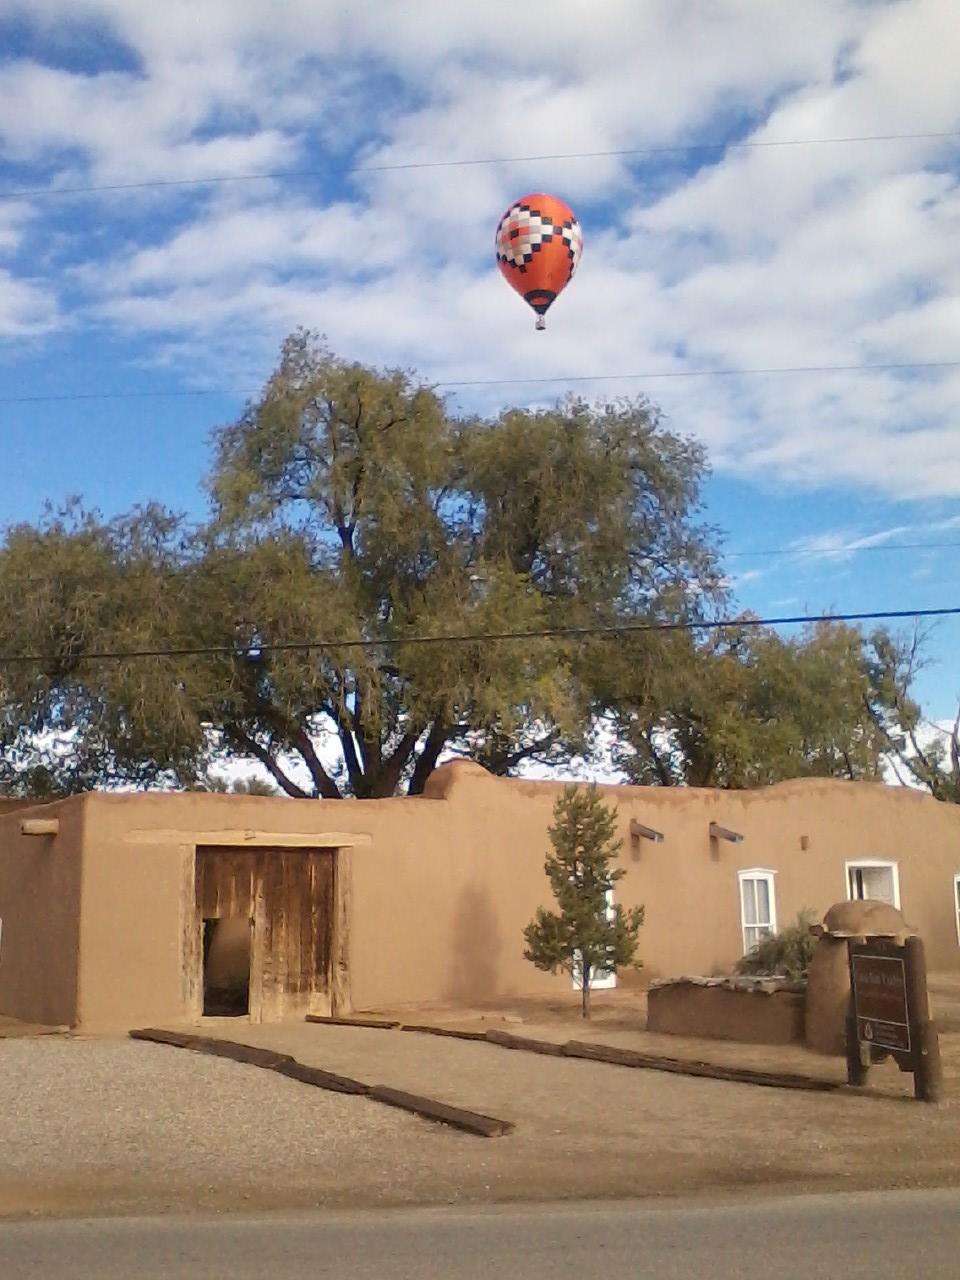 Balloon over Casa San Ysidro